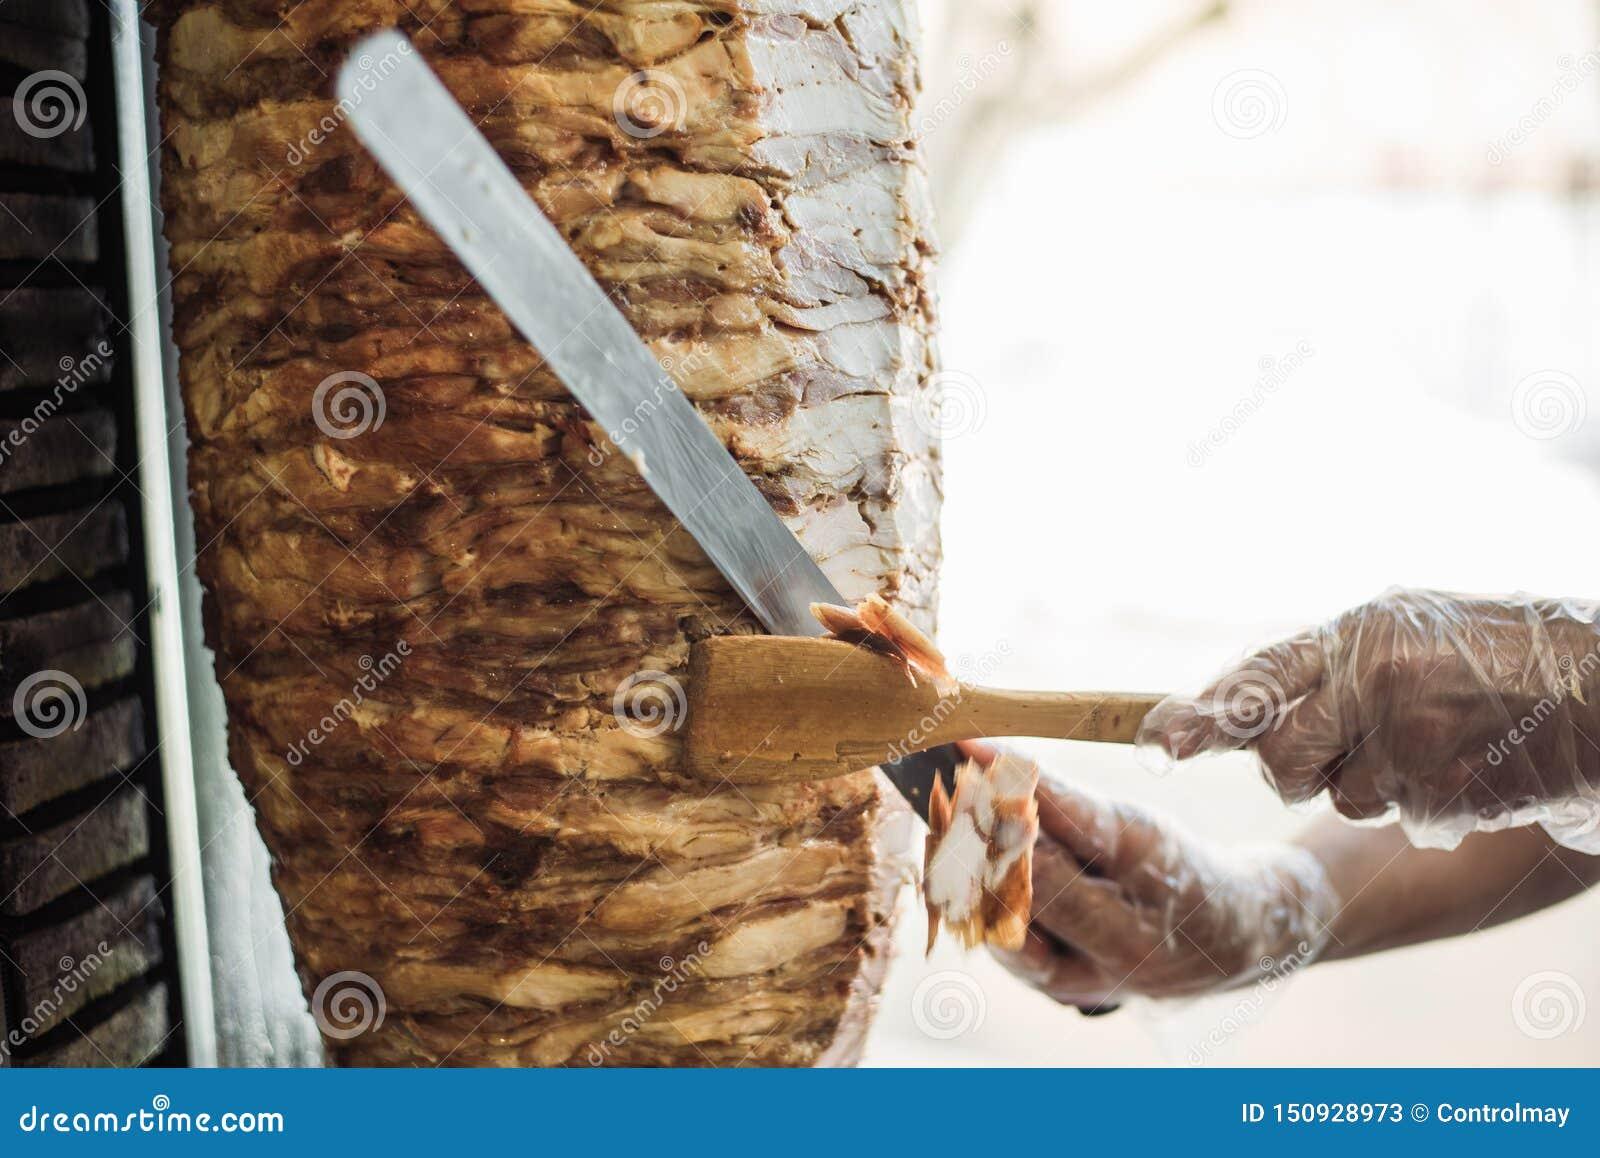 烹调shawarma和ciabatta在咖啡馆 一次性手套裁减肉的一个人在串